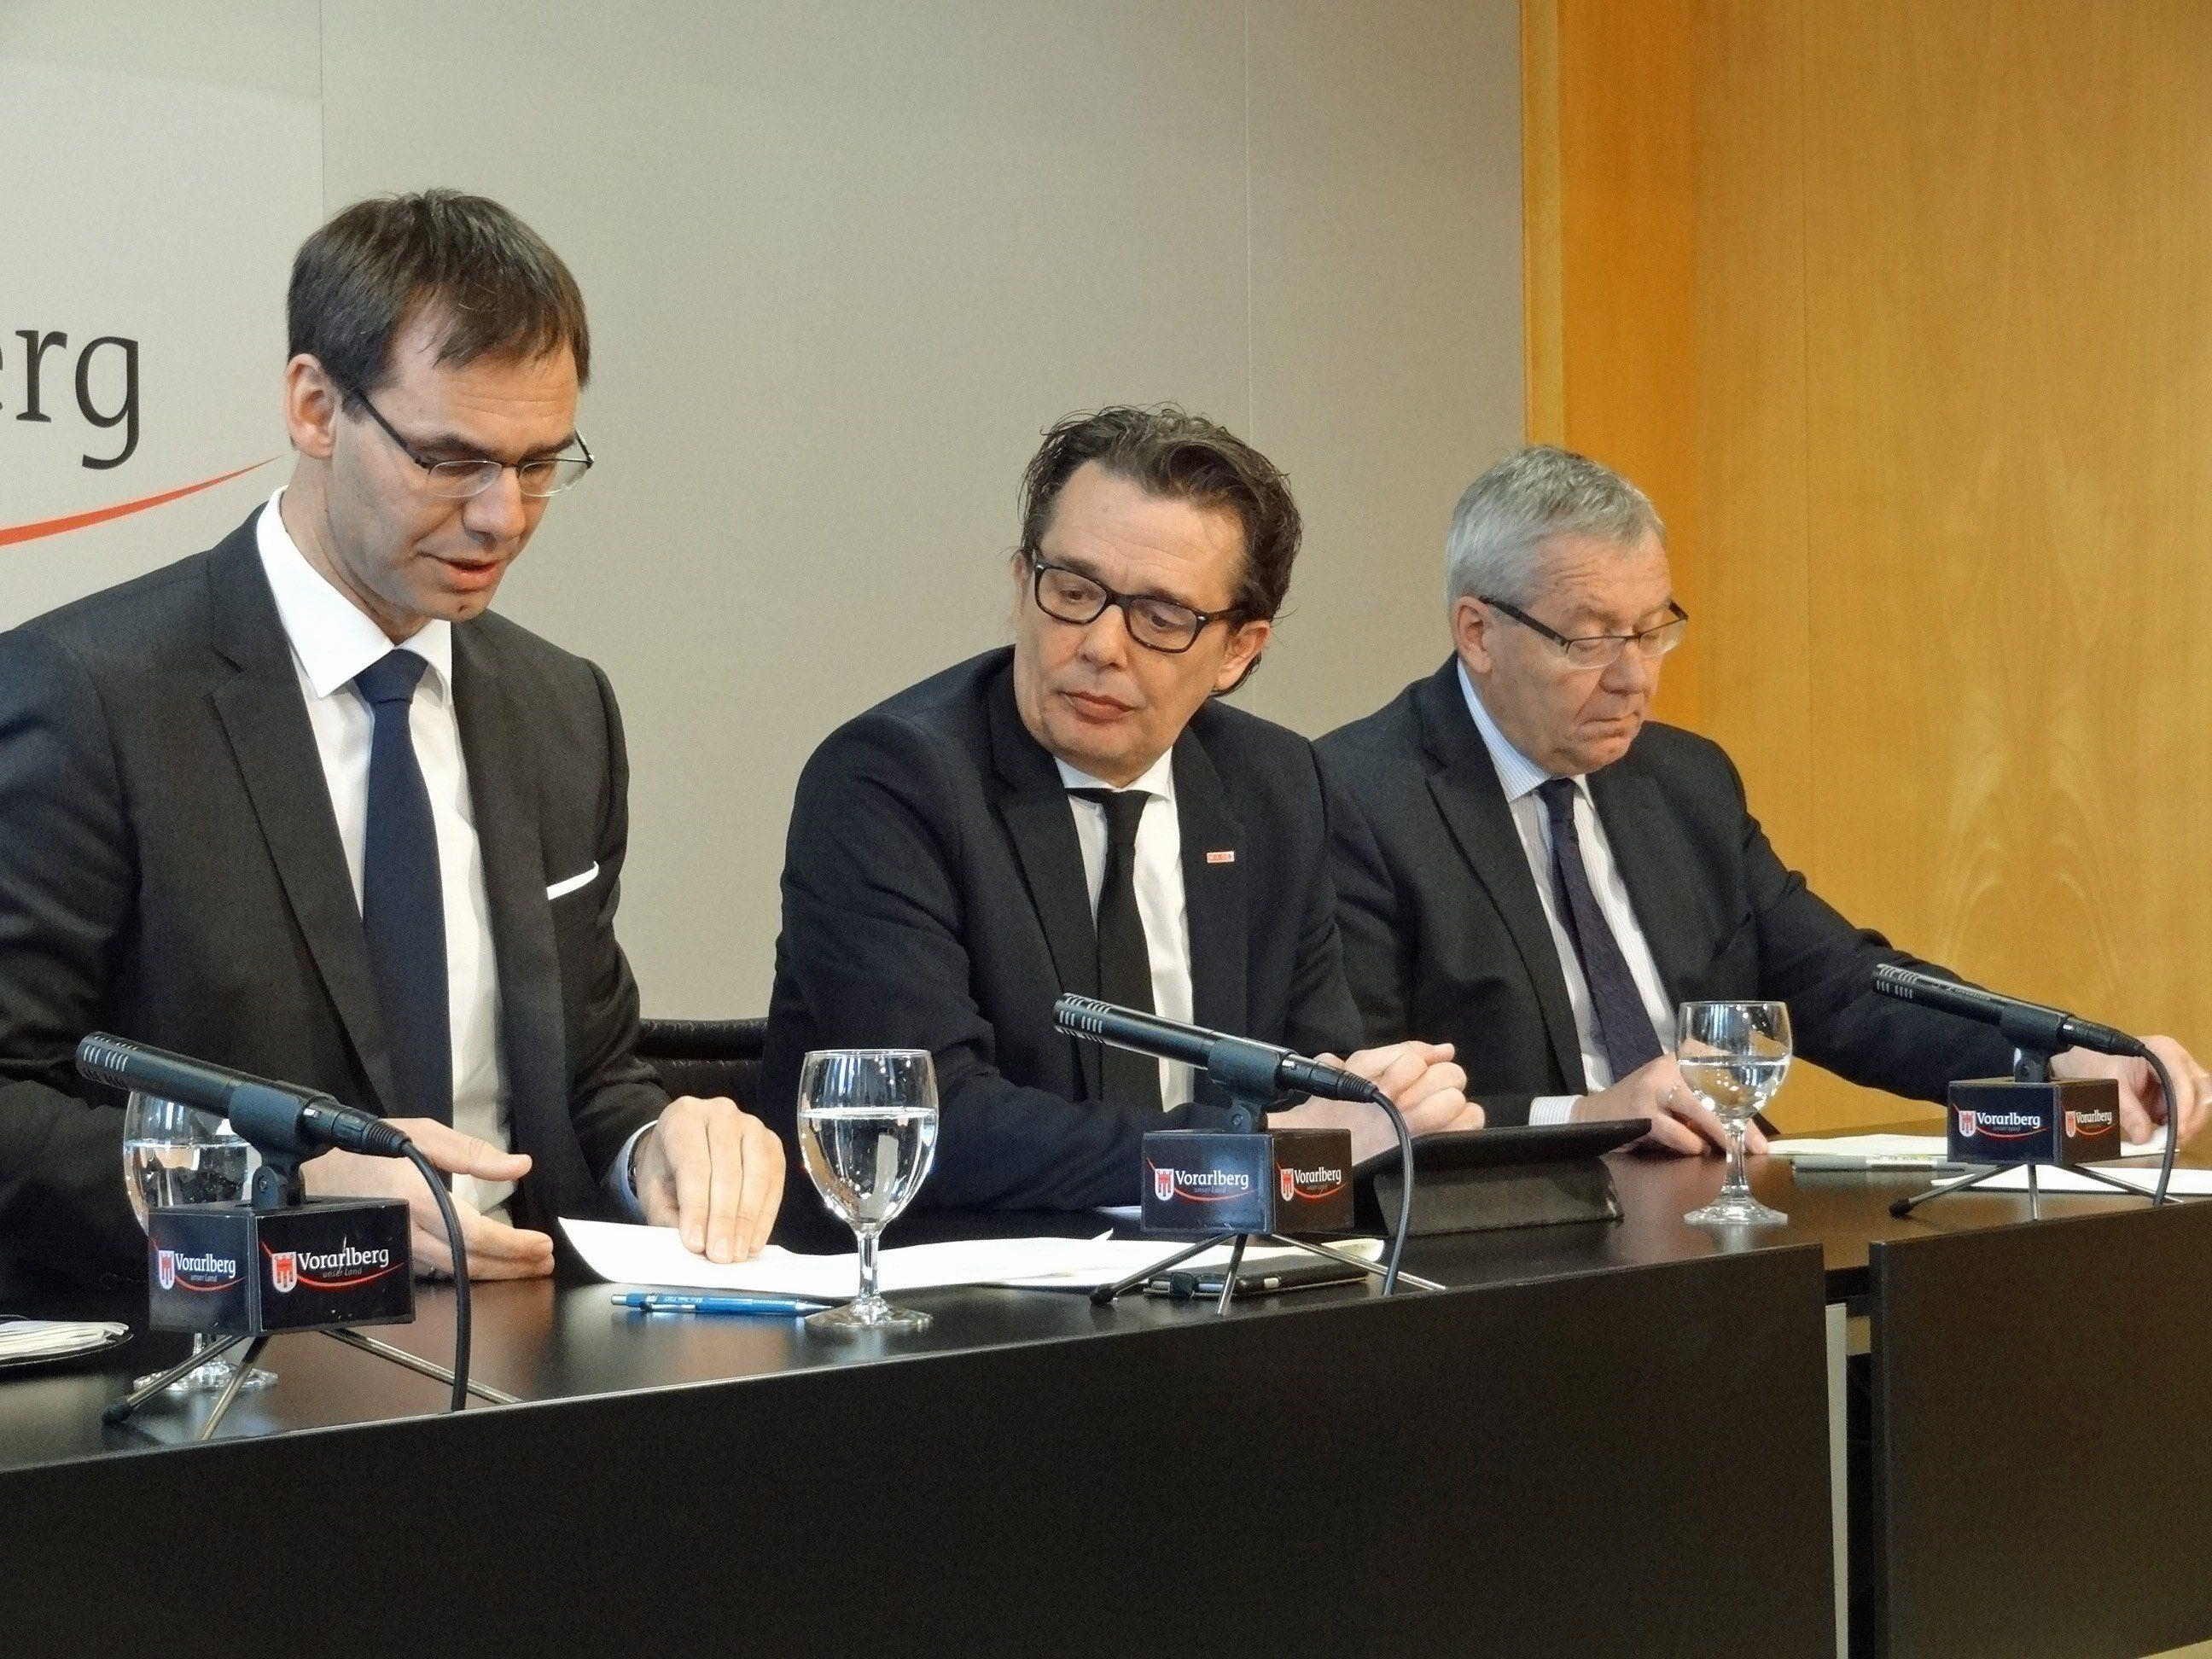 LH Wallner, WKV-Präsident Metzler und LSth. Rüdisser präsentierten die wirtschaftspolitischen Schwerpunkte 2017